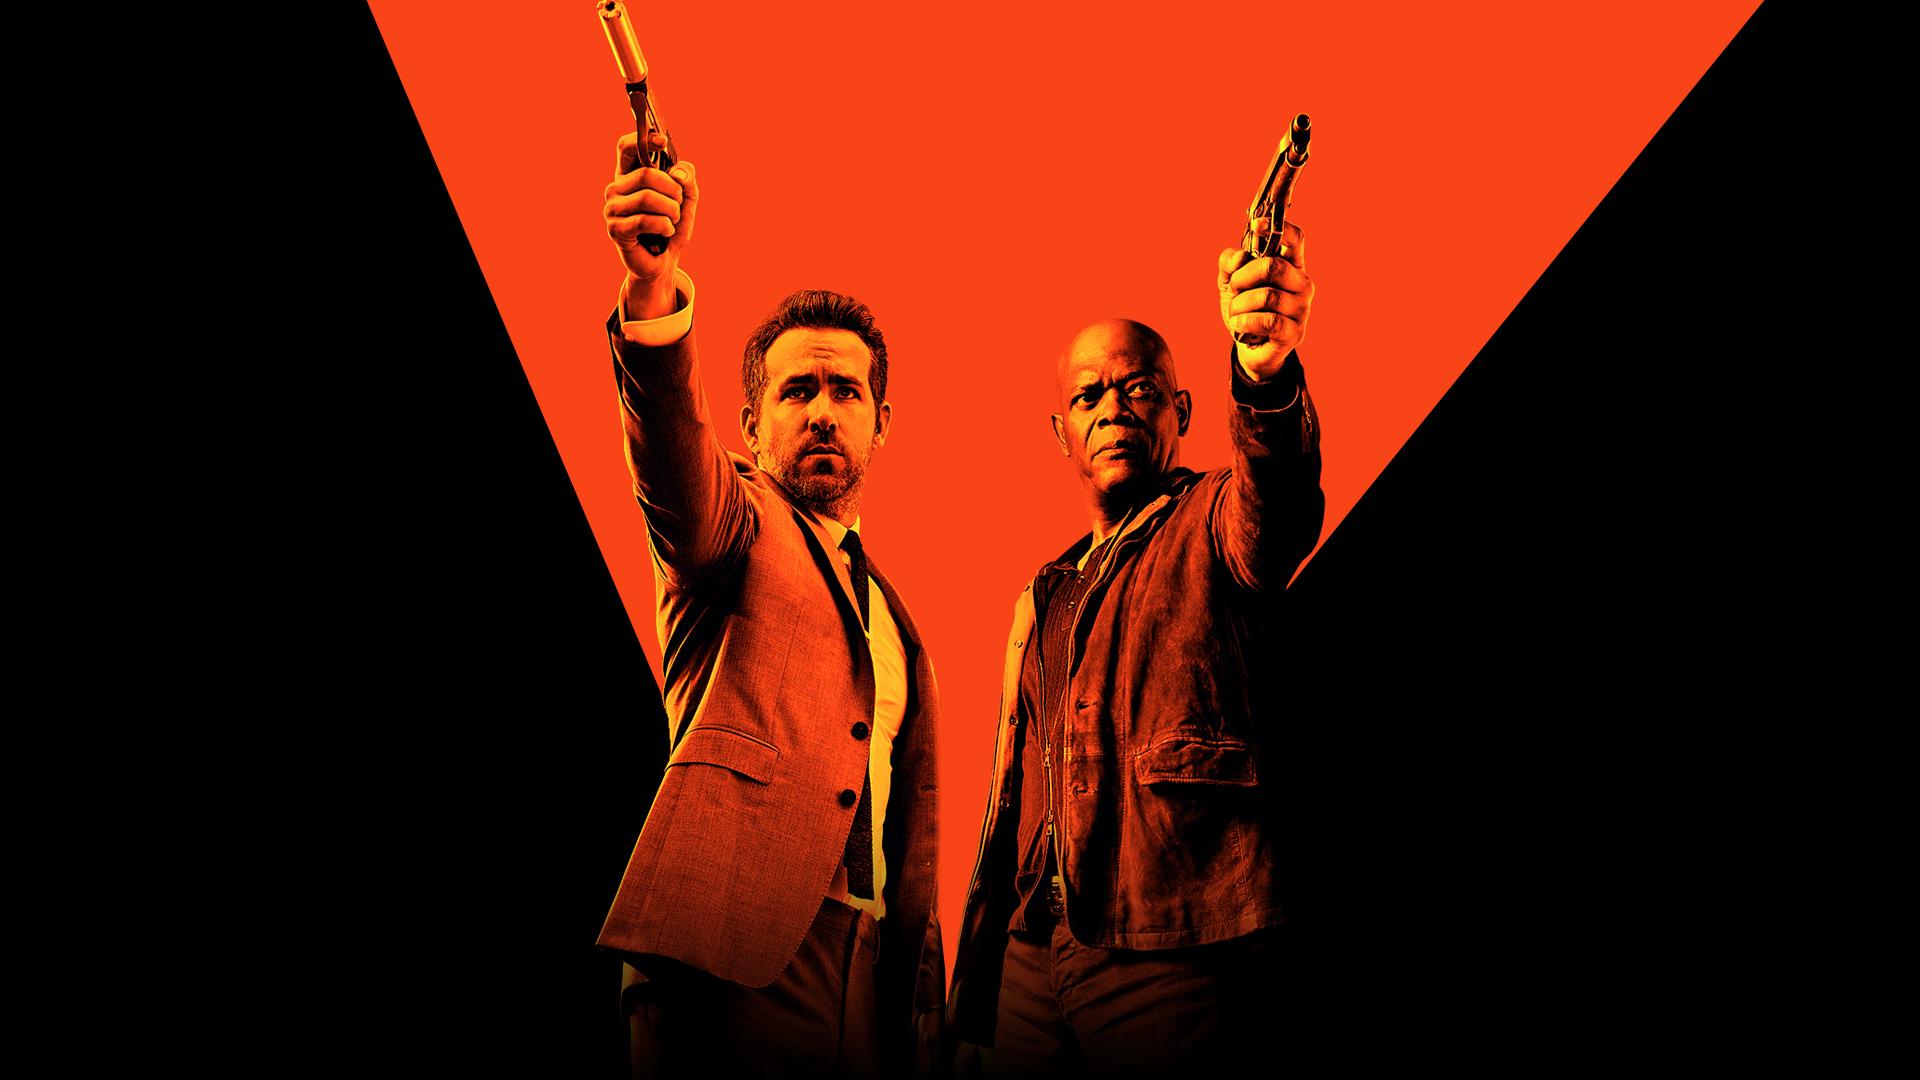 Hitman's Bodyguard-Care pe care – DVD